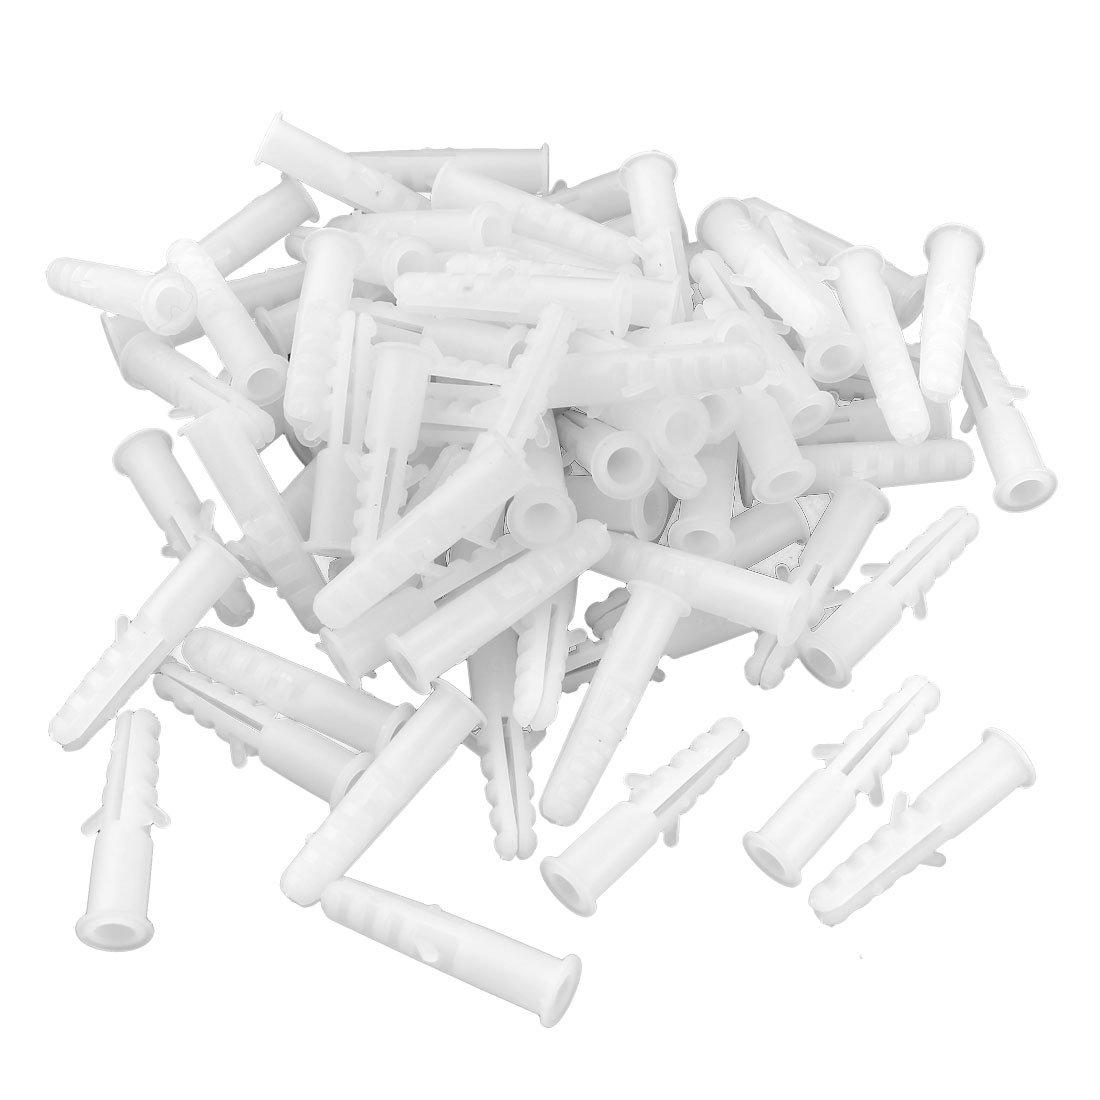 Armario de 4 mm de diá metro Lag tornillos clavos de plá stico conector 100 piezas Sourcingmap a14031400ux0947